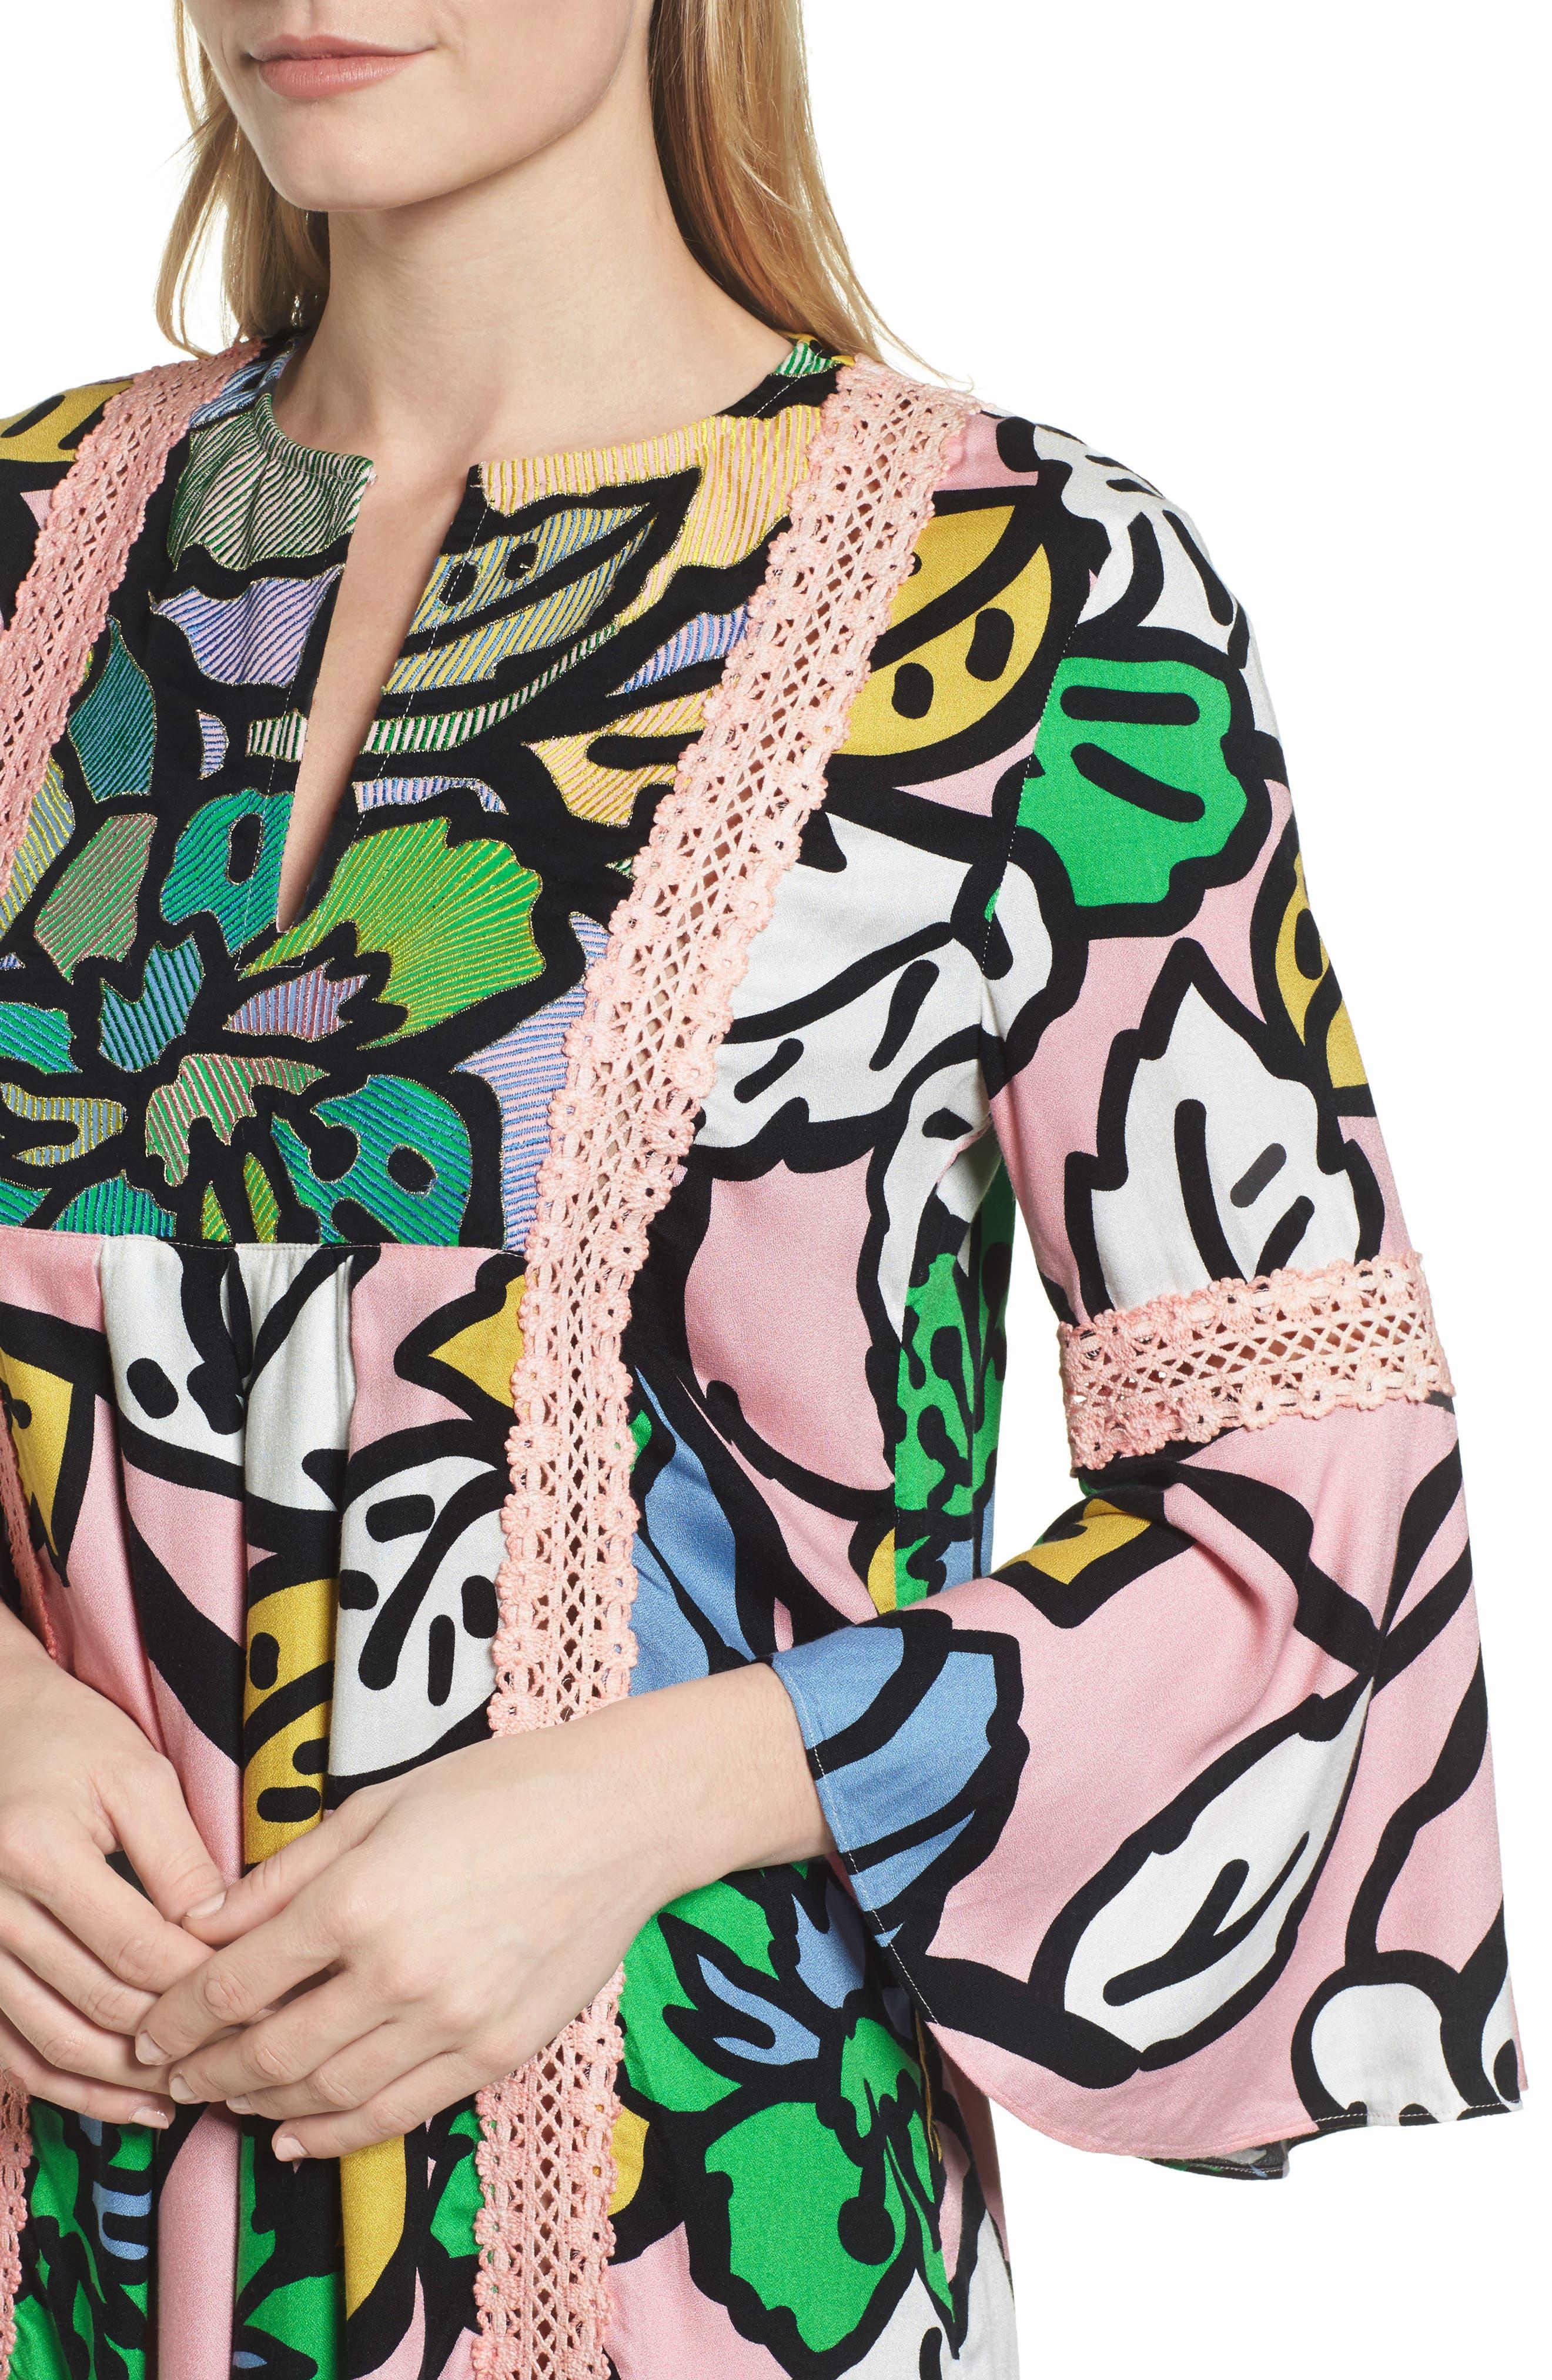 Ancona Mod Print Shift Dress,                             Alternate thumbnail 4, color,